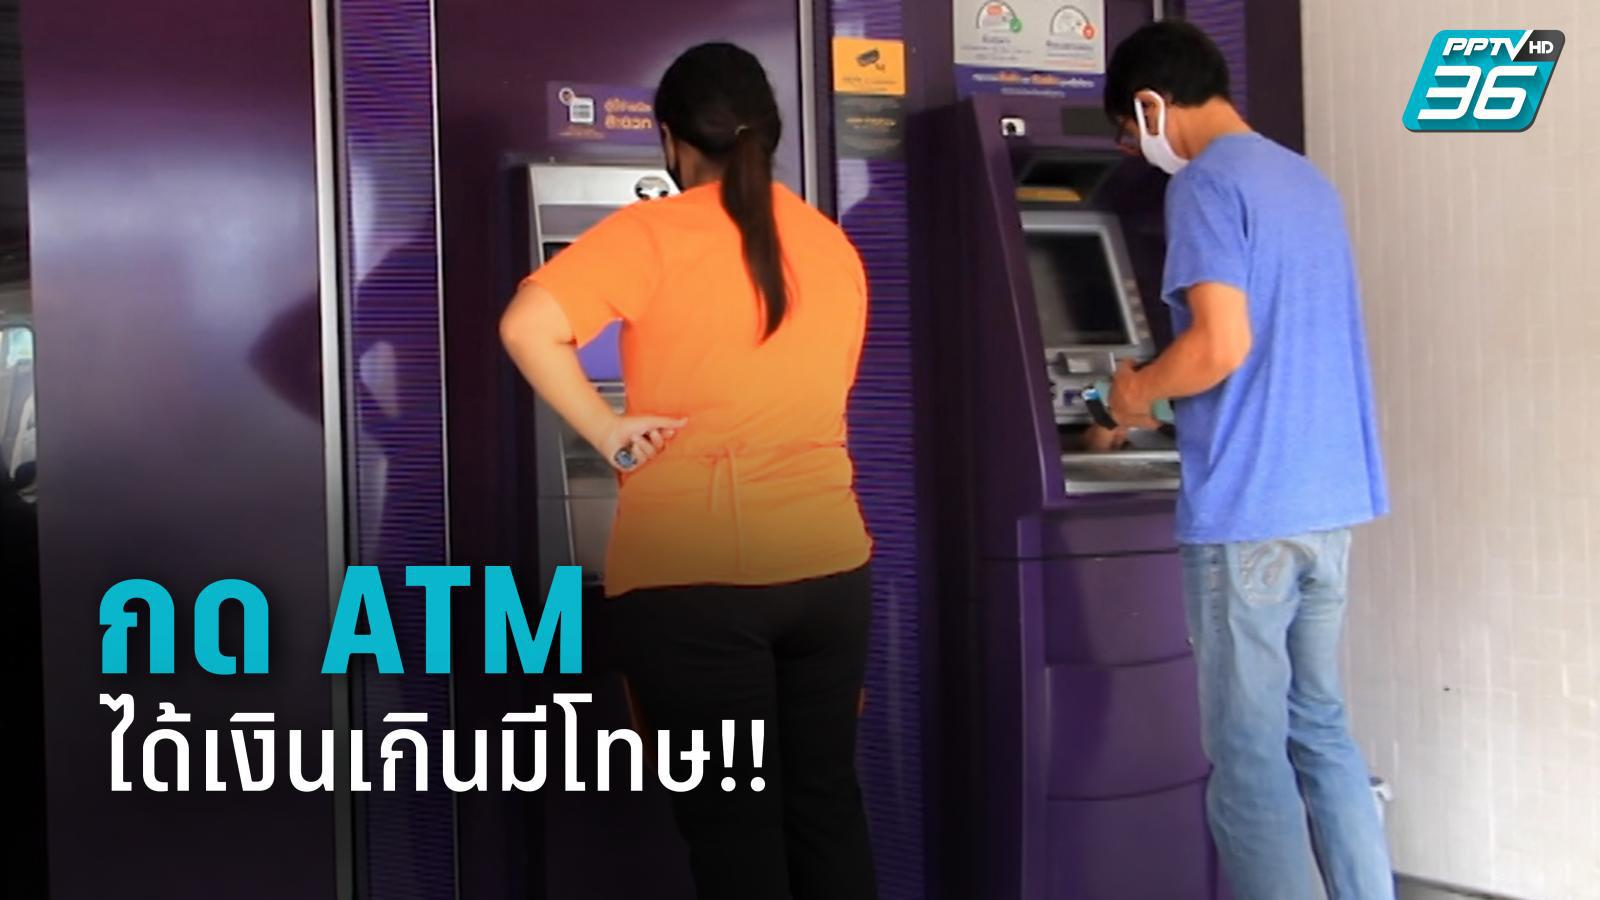 ขีดเส้นคนกด ATM ได้เงินเกินให้รีบส่งคืนภายในวันนี้